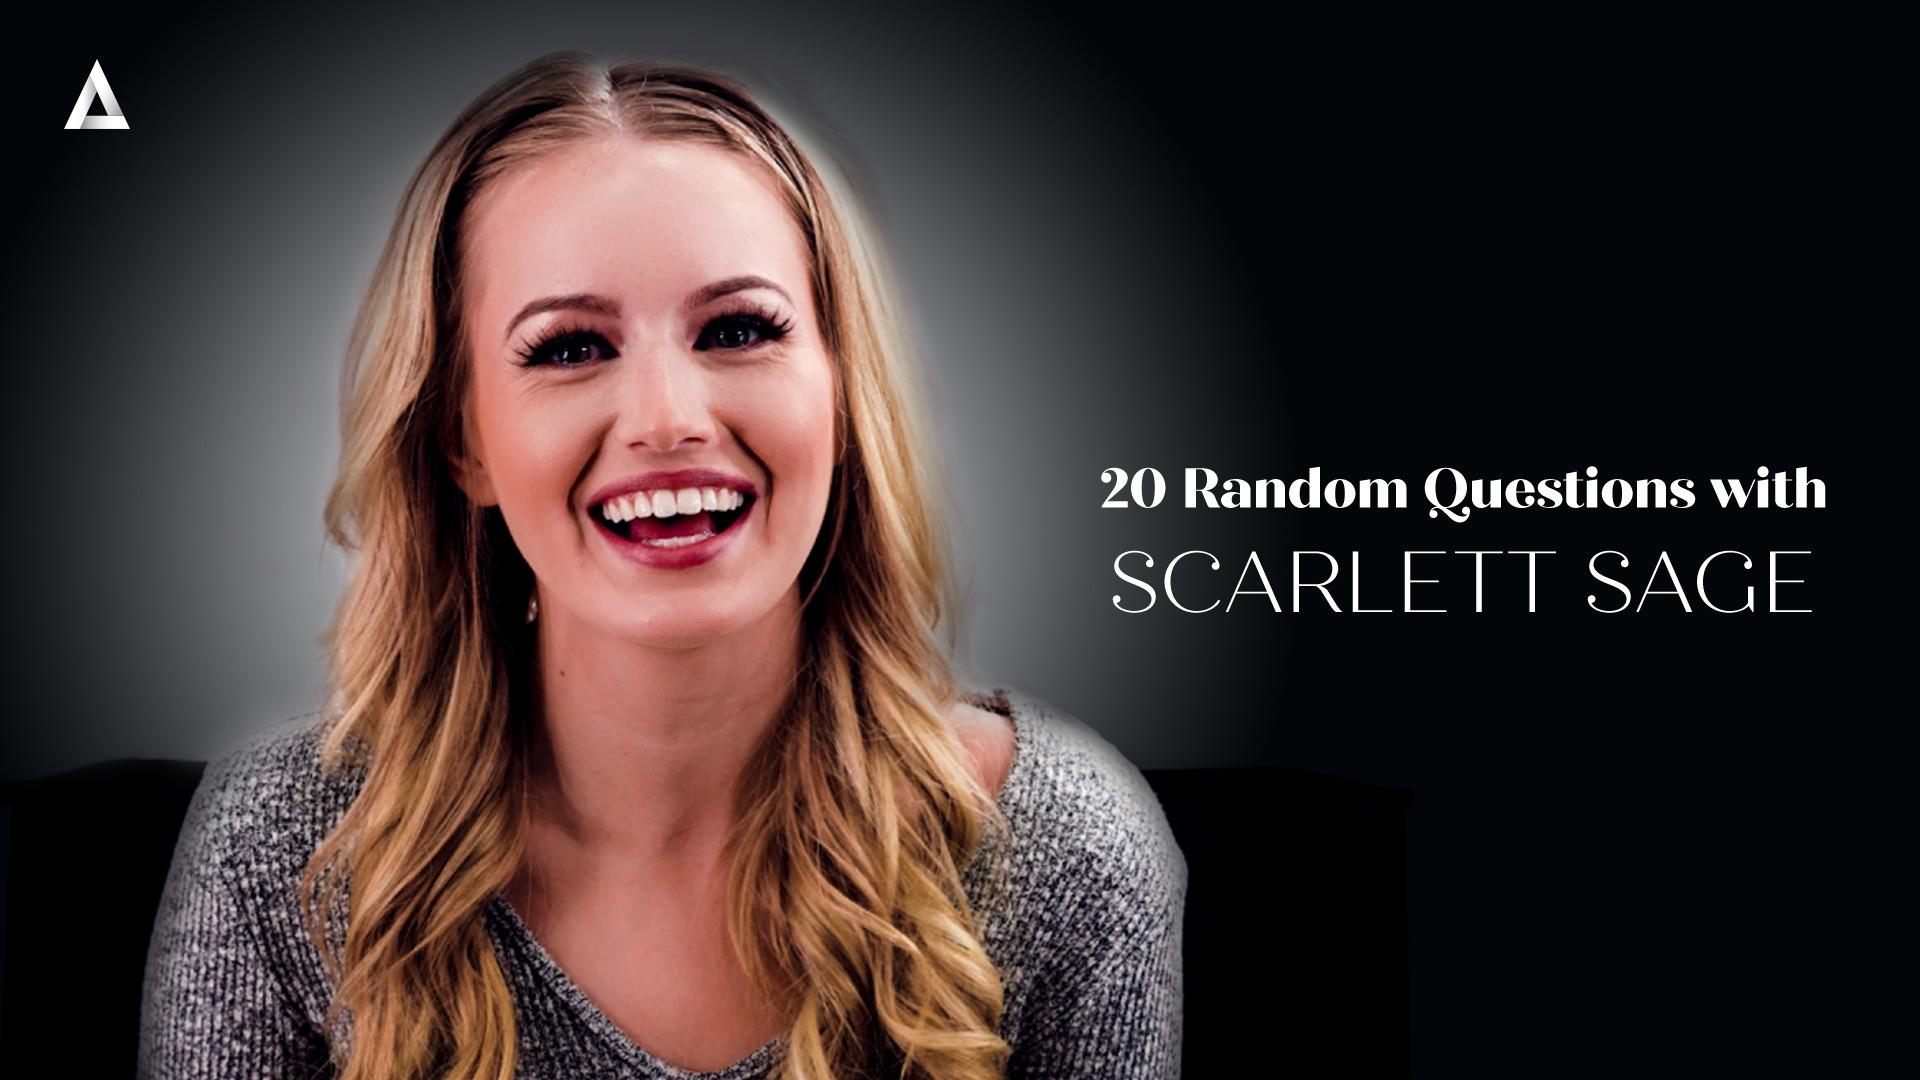 20 Random Questions with Scarlett Sage - Scarlett Sage 1